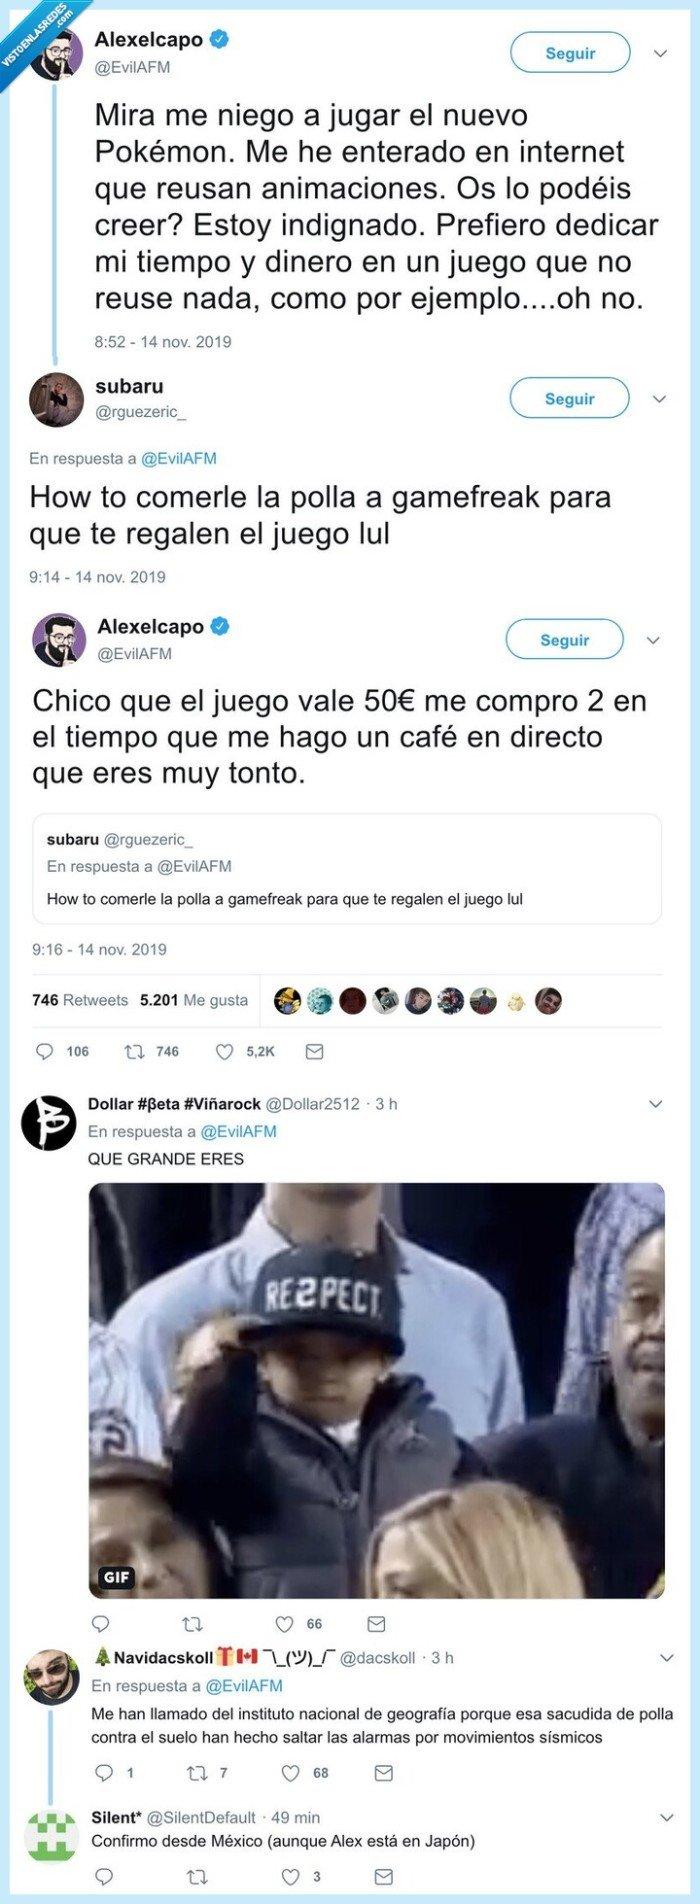 alex el capo,dinero,juego,pagar,youtuber,zasca